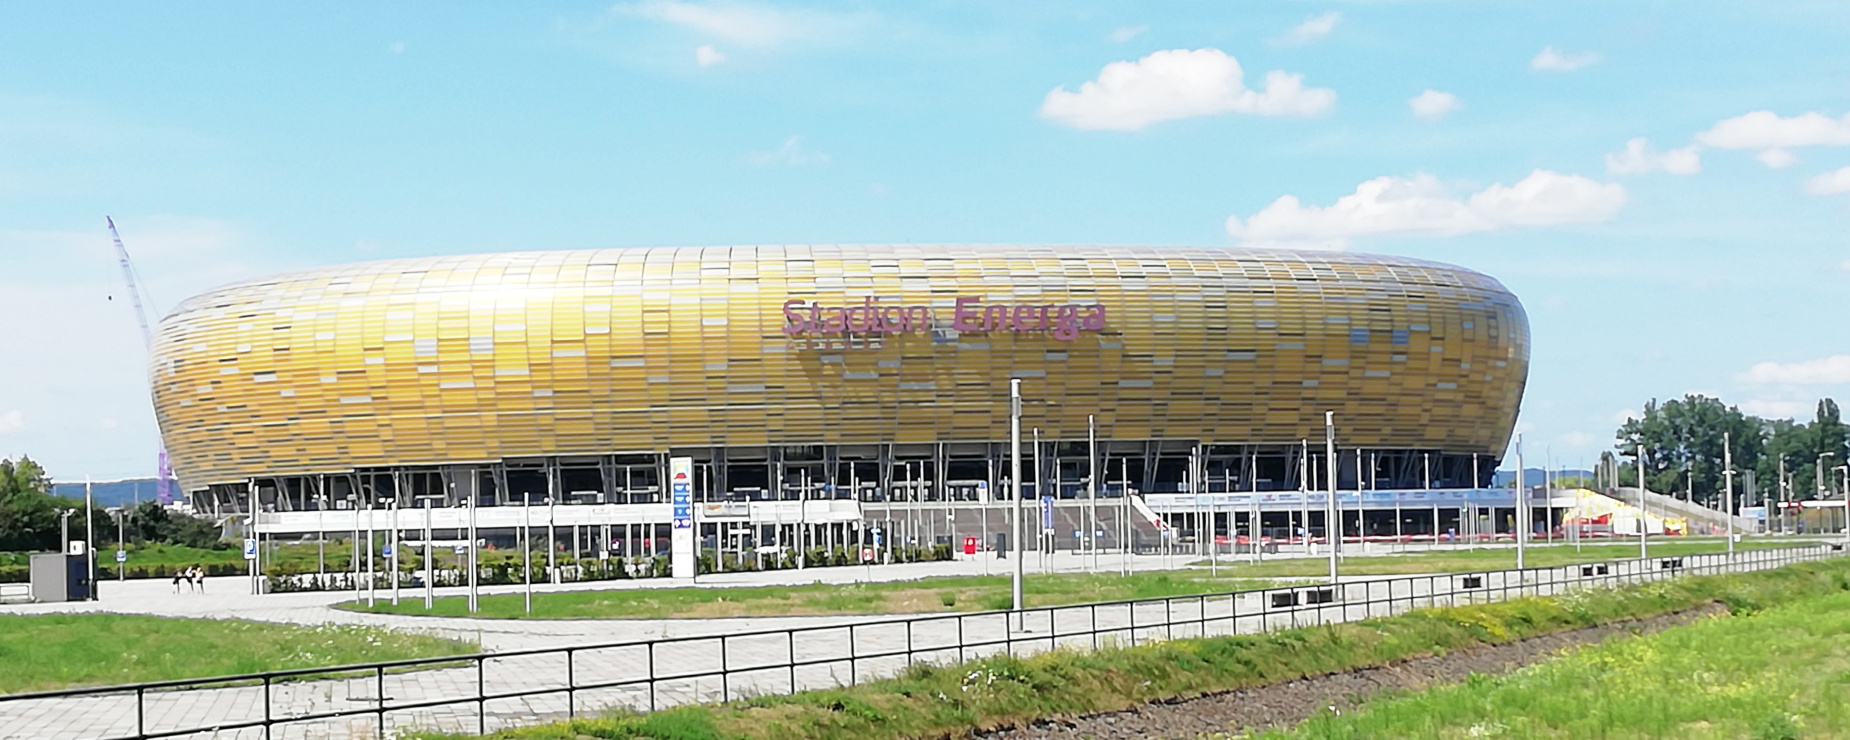 Niezwykły weekend na Stadionie Energa Gdańsk. Lokalne przysmaki, specjalnie piwo z hibiskusem, a do tego historyczny mecz piłki nożnej